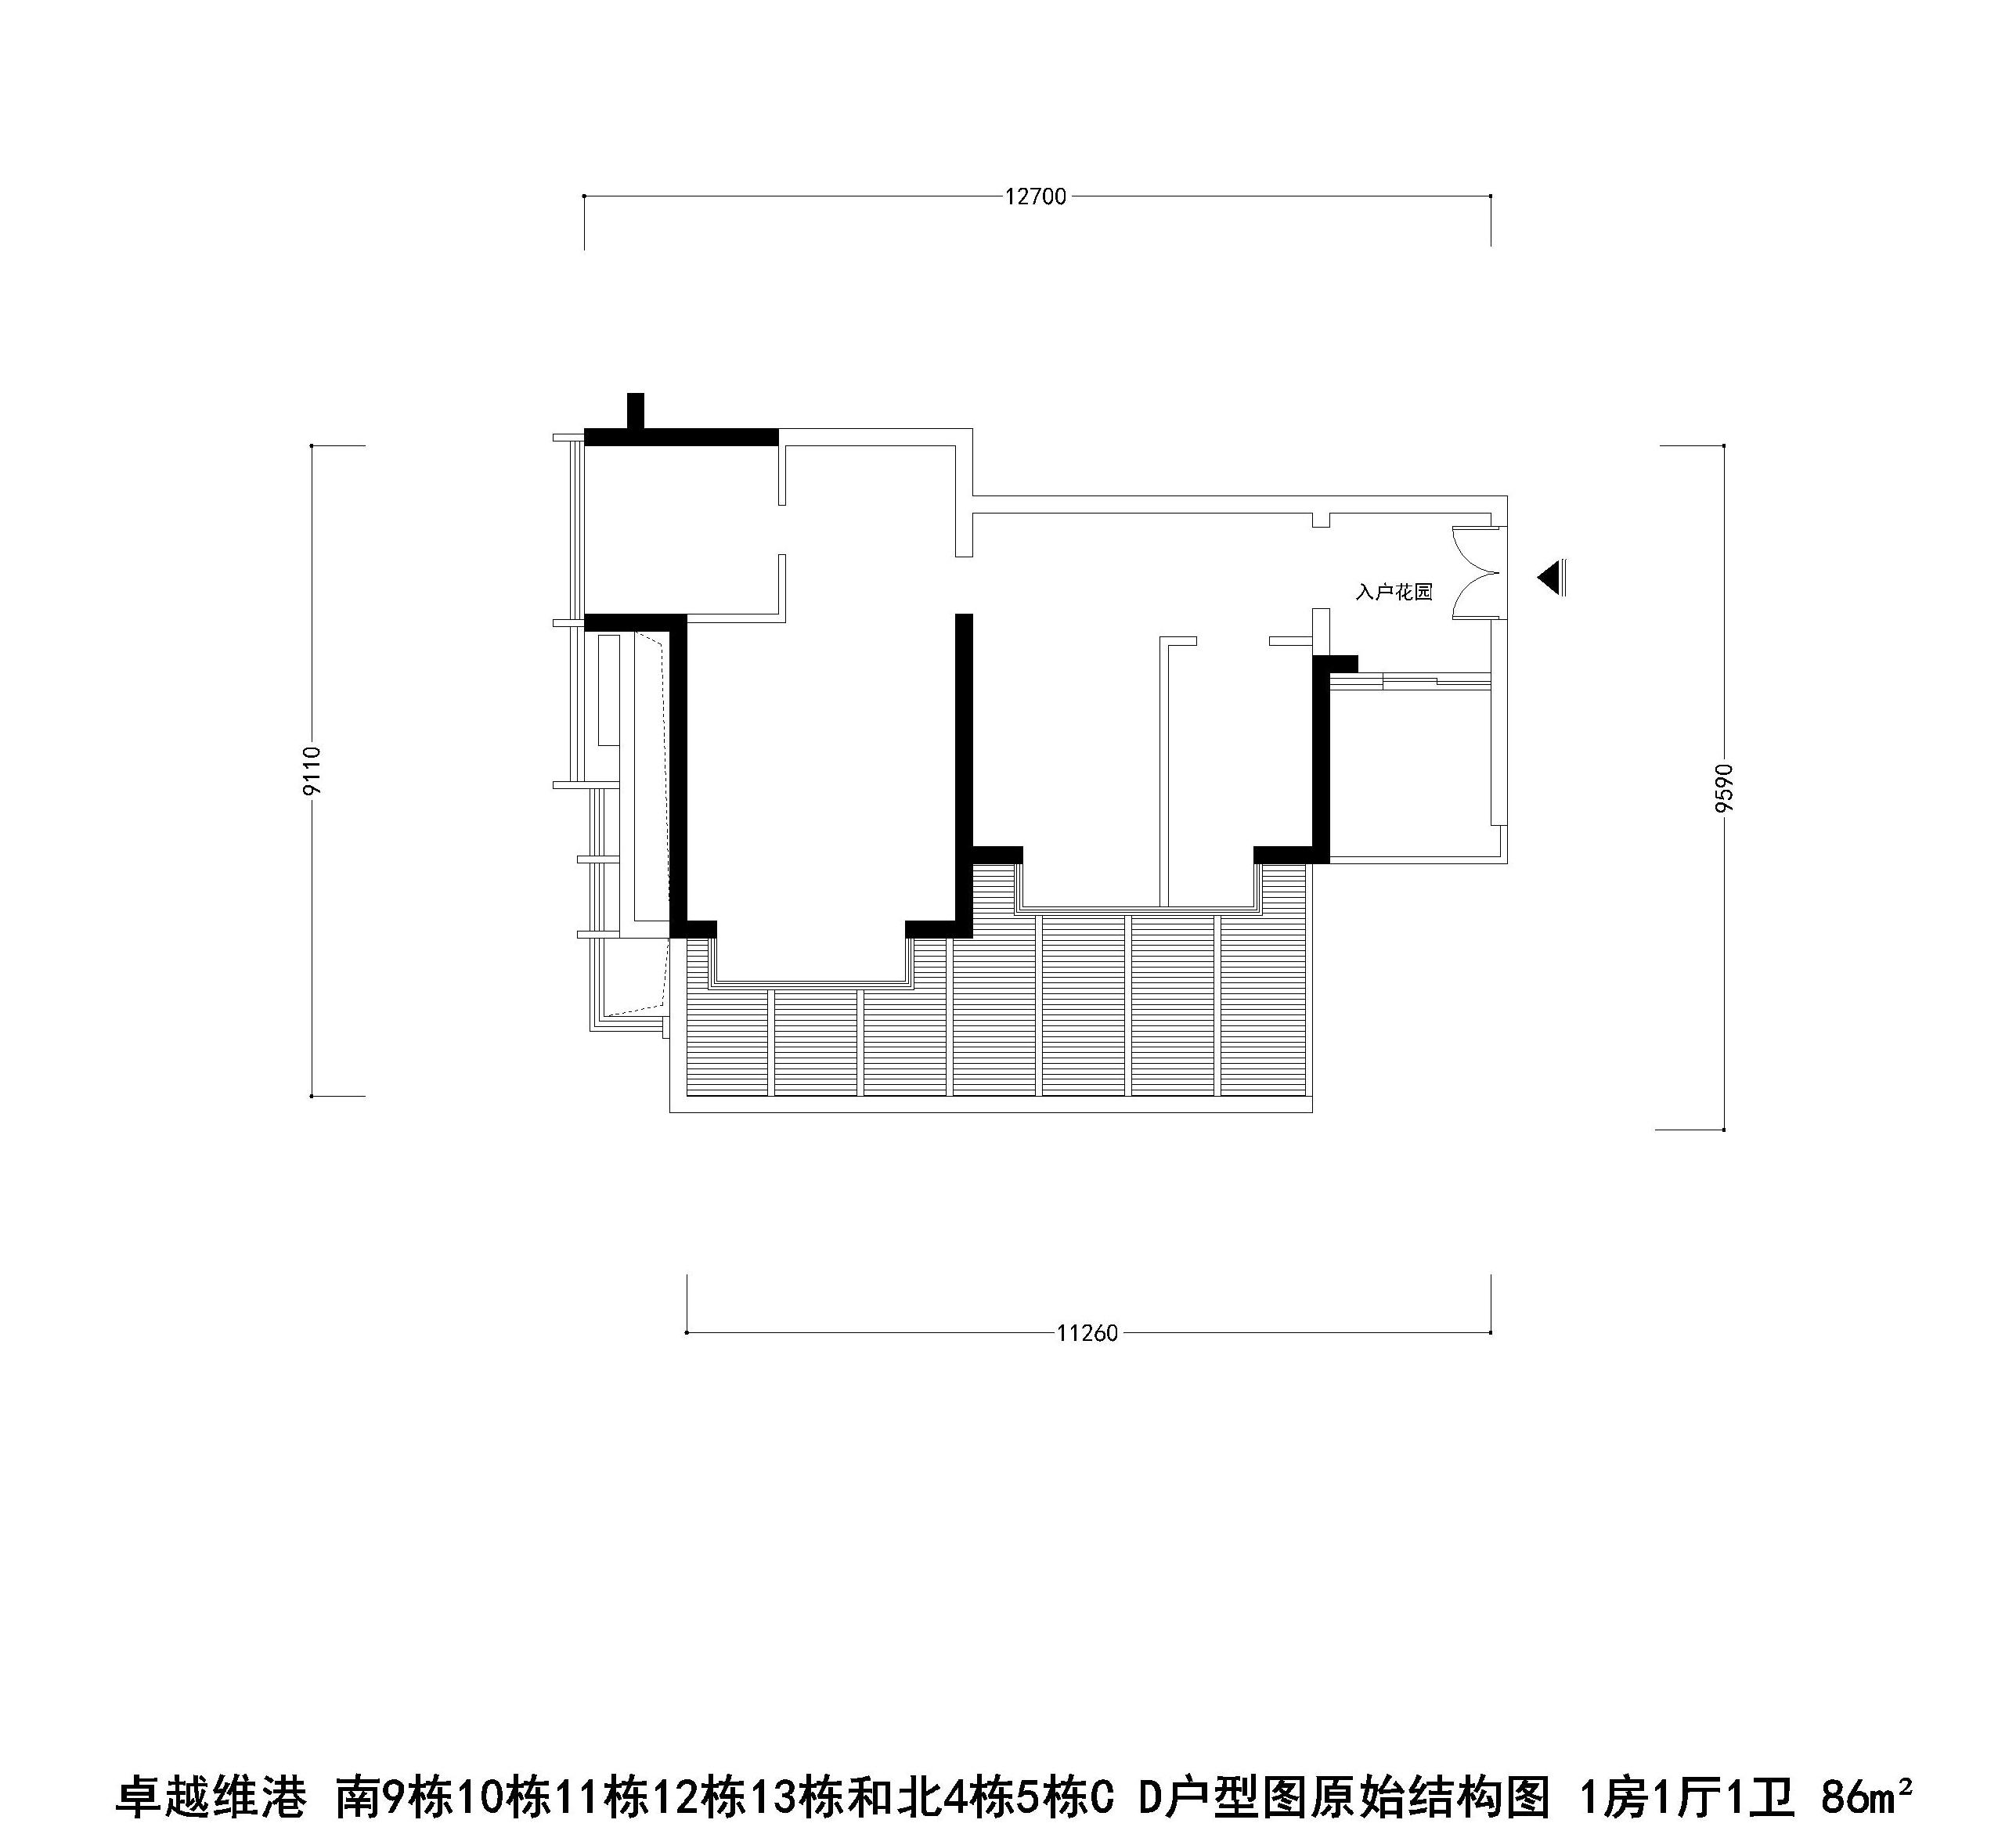 户型图 原始结构图 好易家 装饰 装修 设计 卓越维港 简约 户型图图片来自好易家装饰集团在卓越维港 南9-13和北4-5栋CD户型的分享